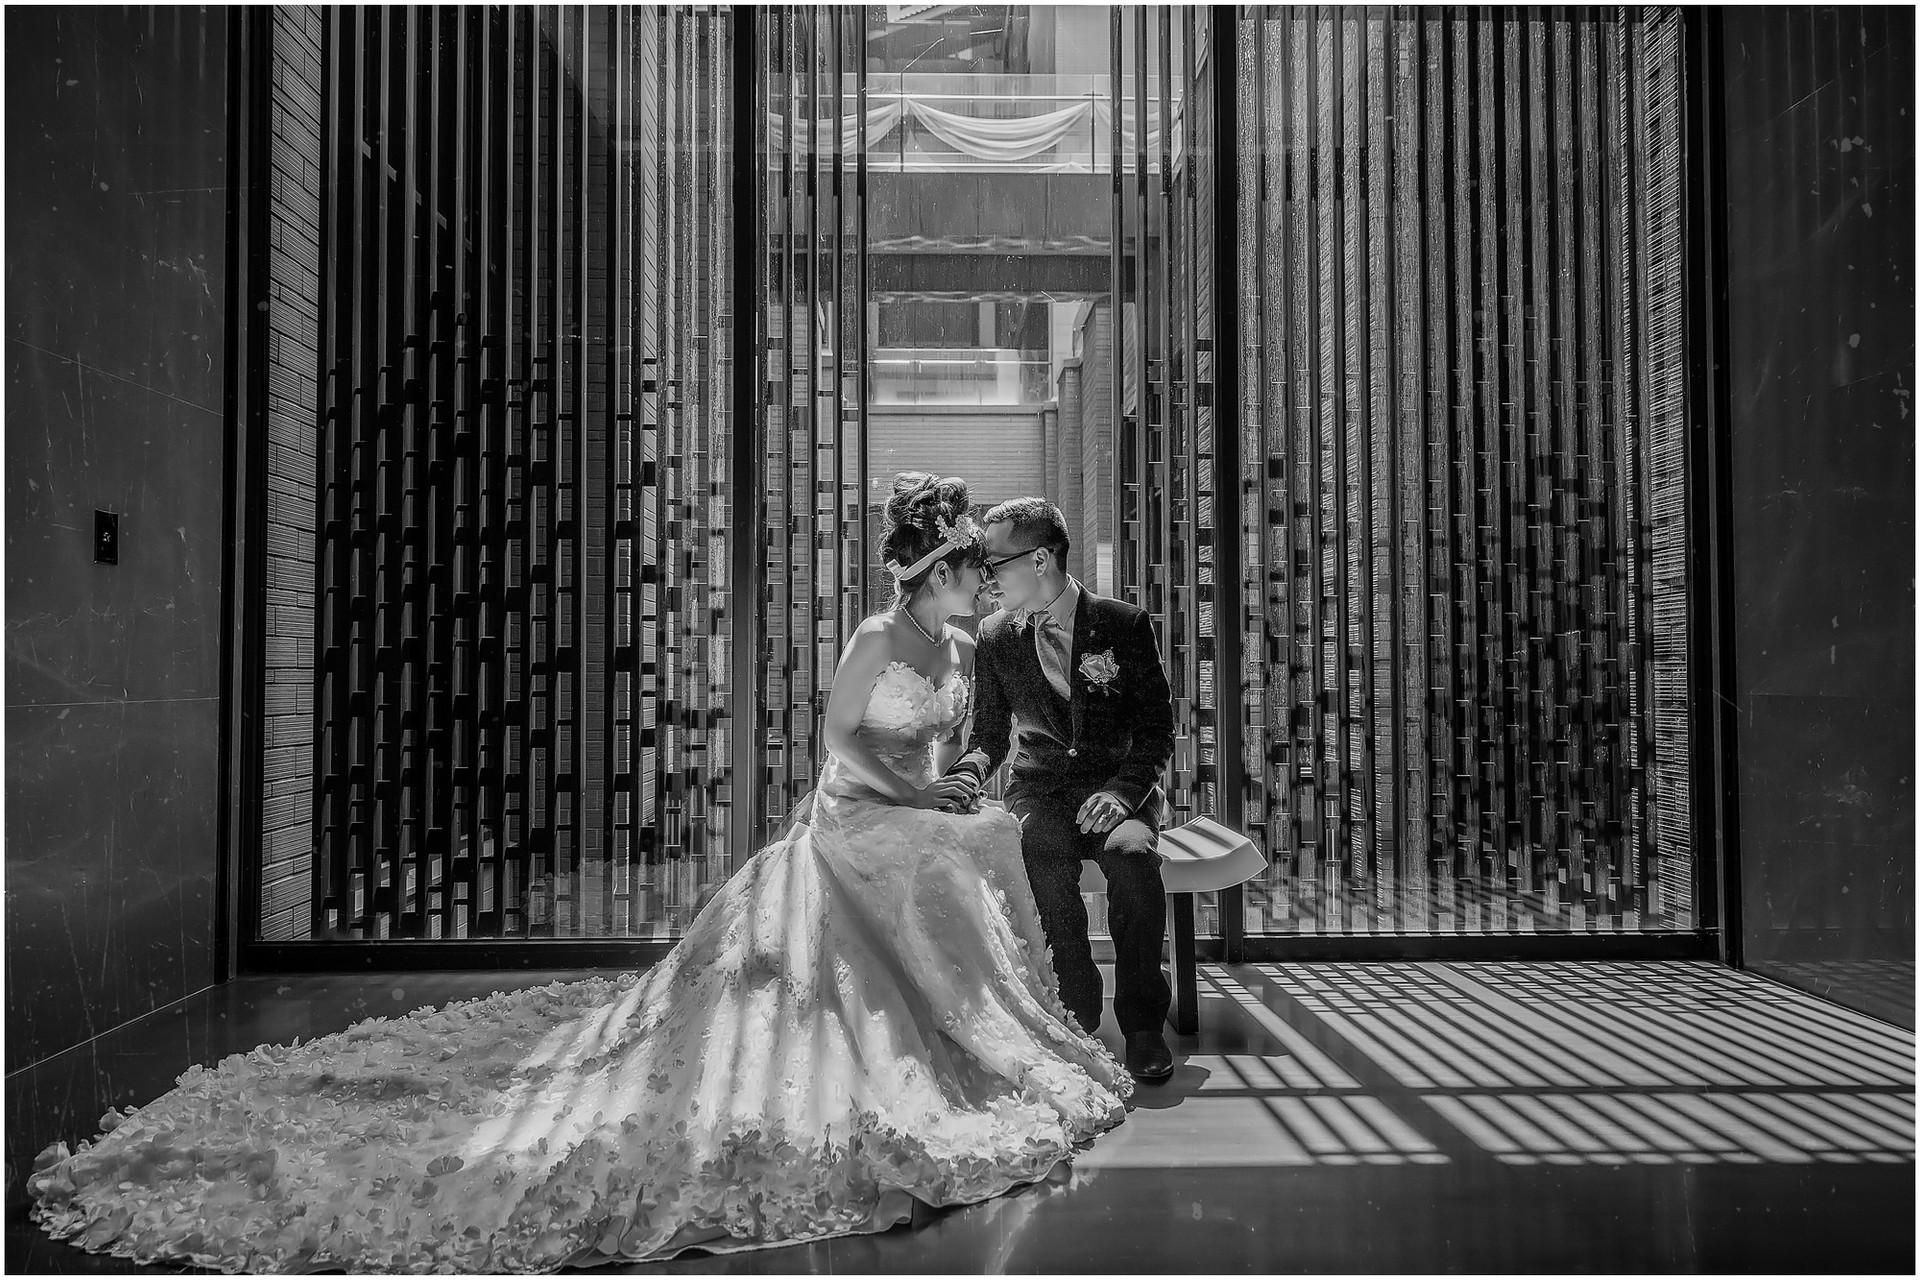 婚禮紀錄 / 平面攝影 / 類婚紗 / 西式婚禮